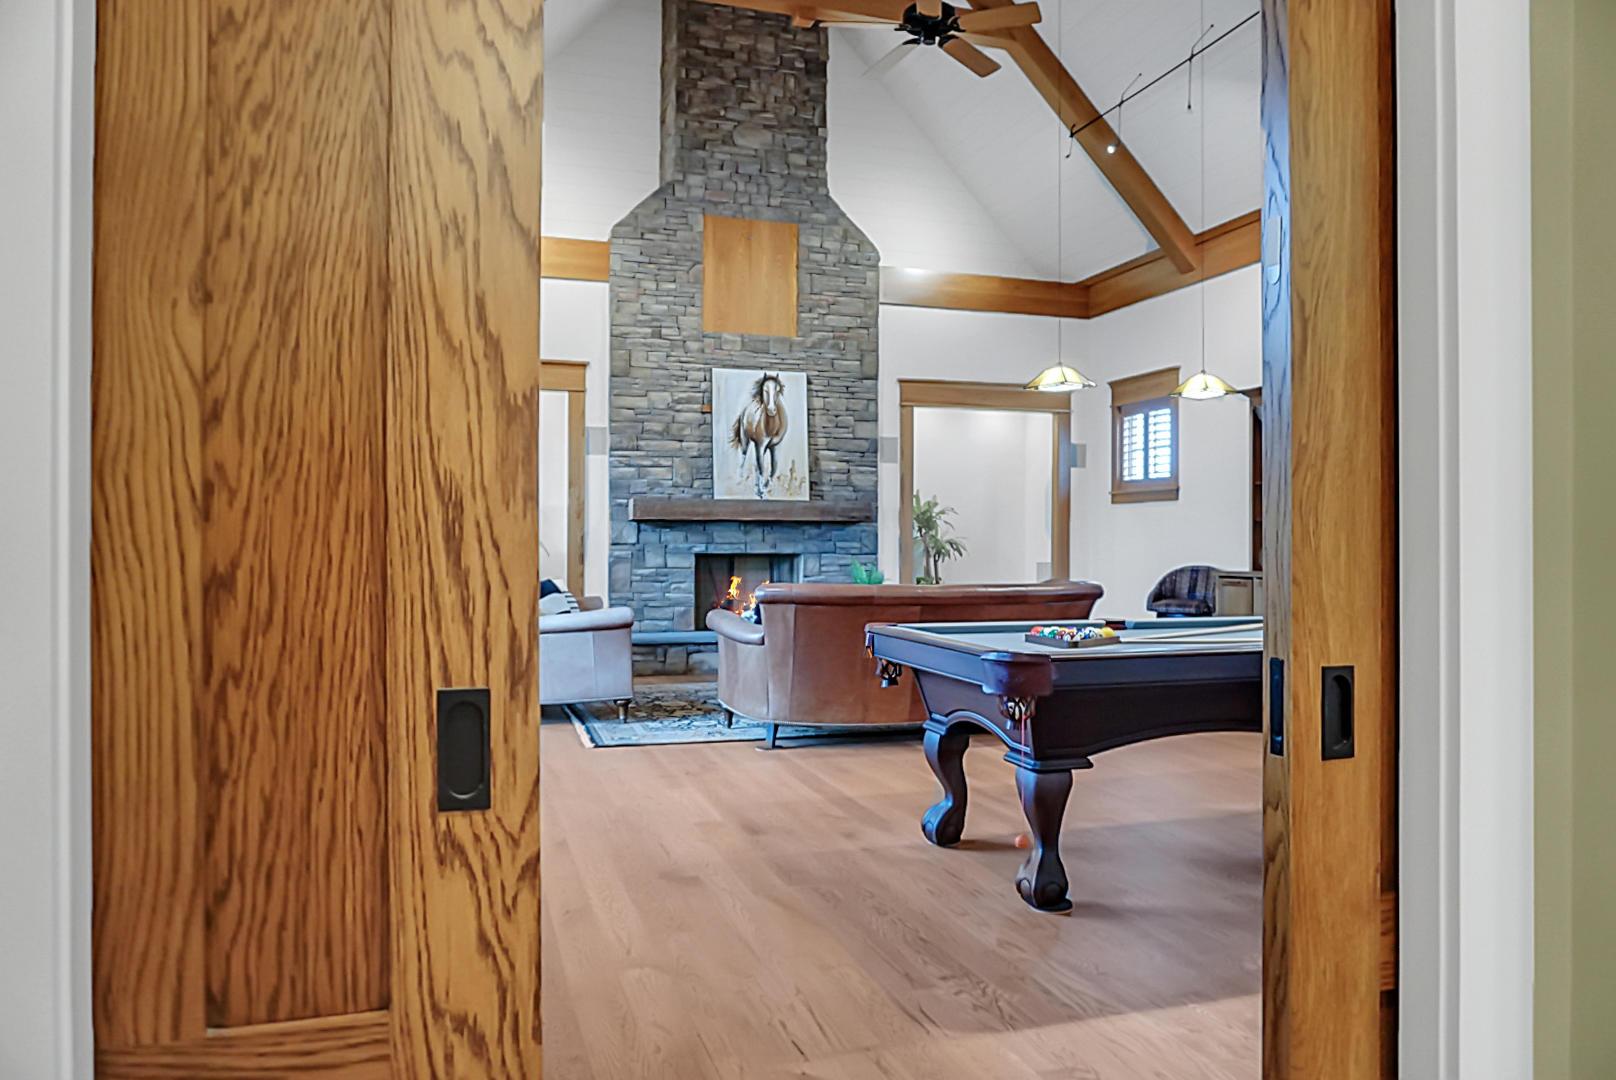 Dunes West Homes For Sale - 2978 River Vista, Mount Pleasant, SC - 7